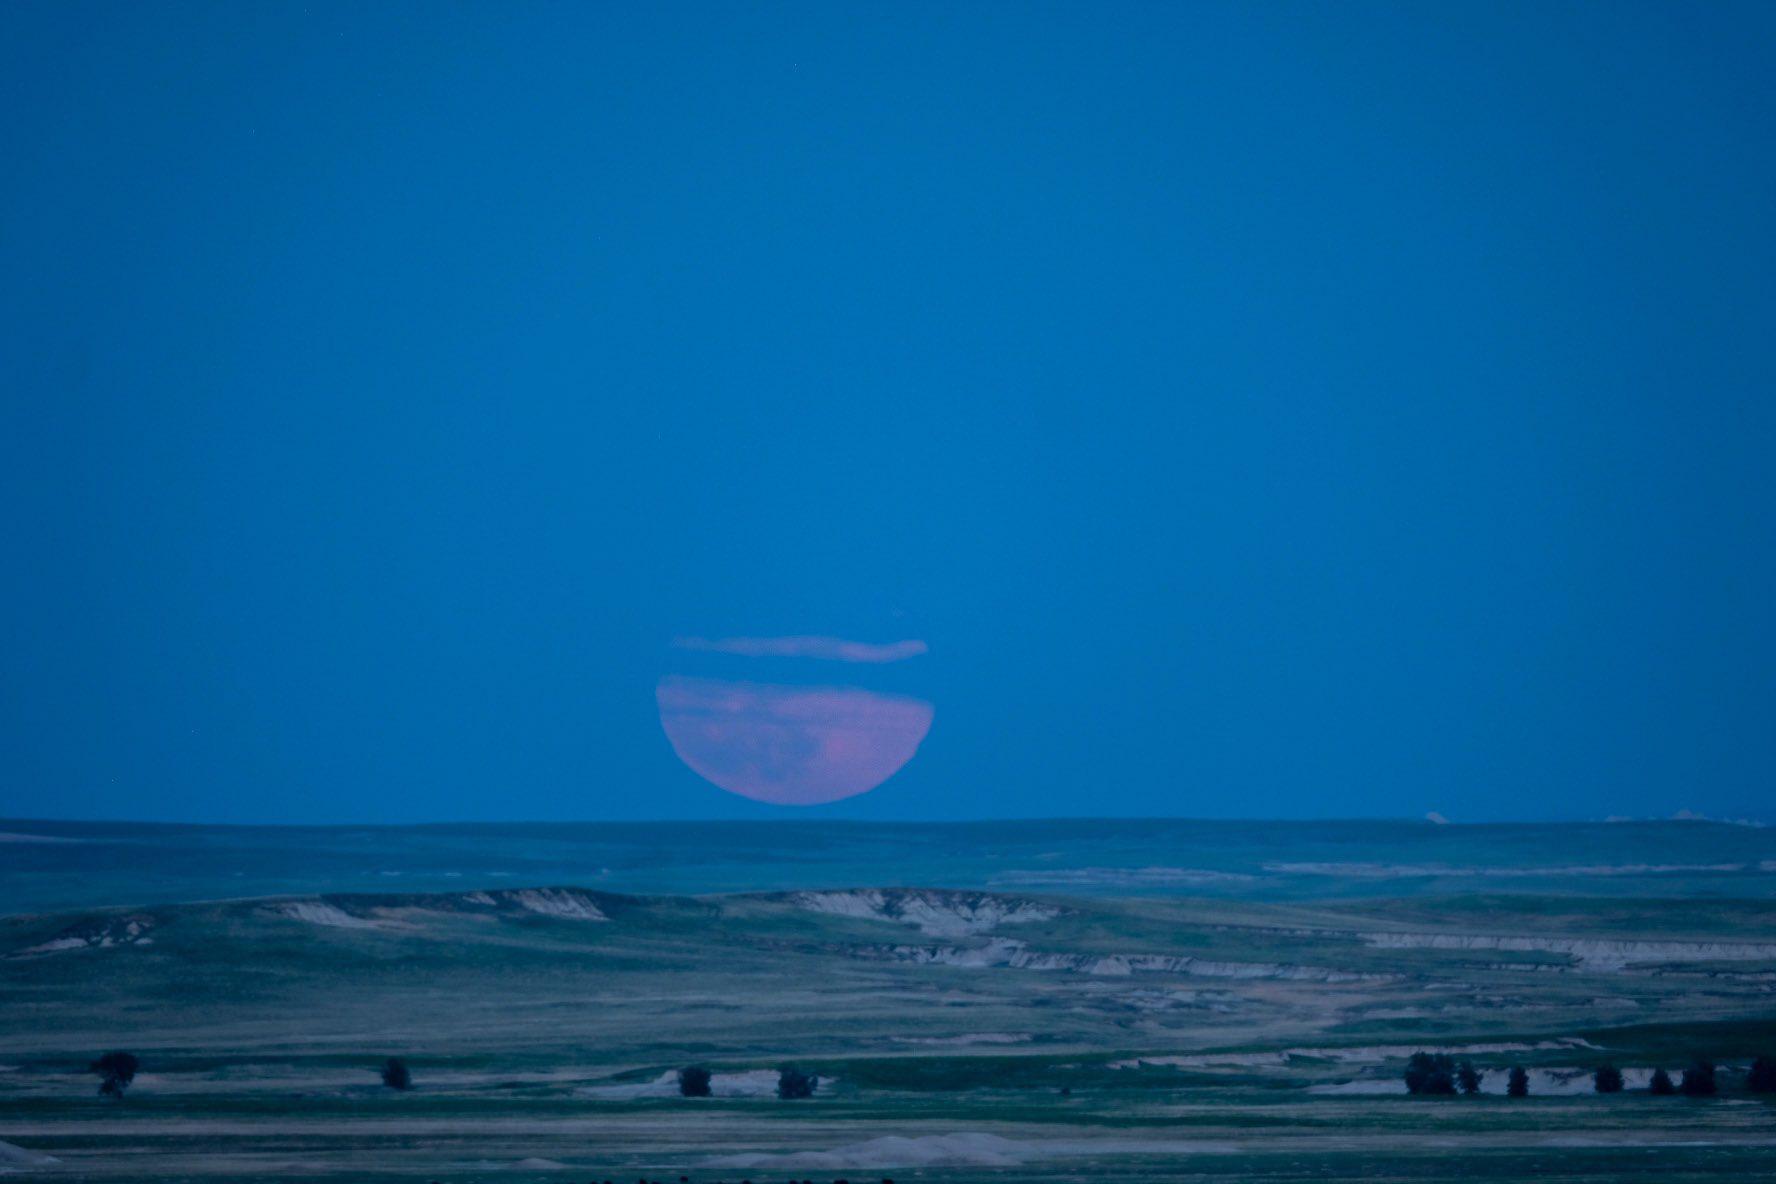 Ngất ngây với một loạt khoảnh khắc về hiện tượng mặt trăng dâu tây hiếm có diễn ra vào đêm qua, rạng sáng nay - Ảnh 10.